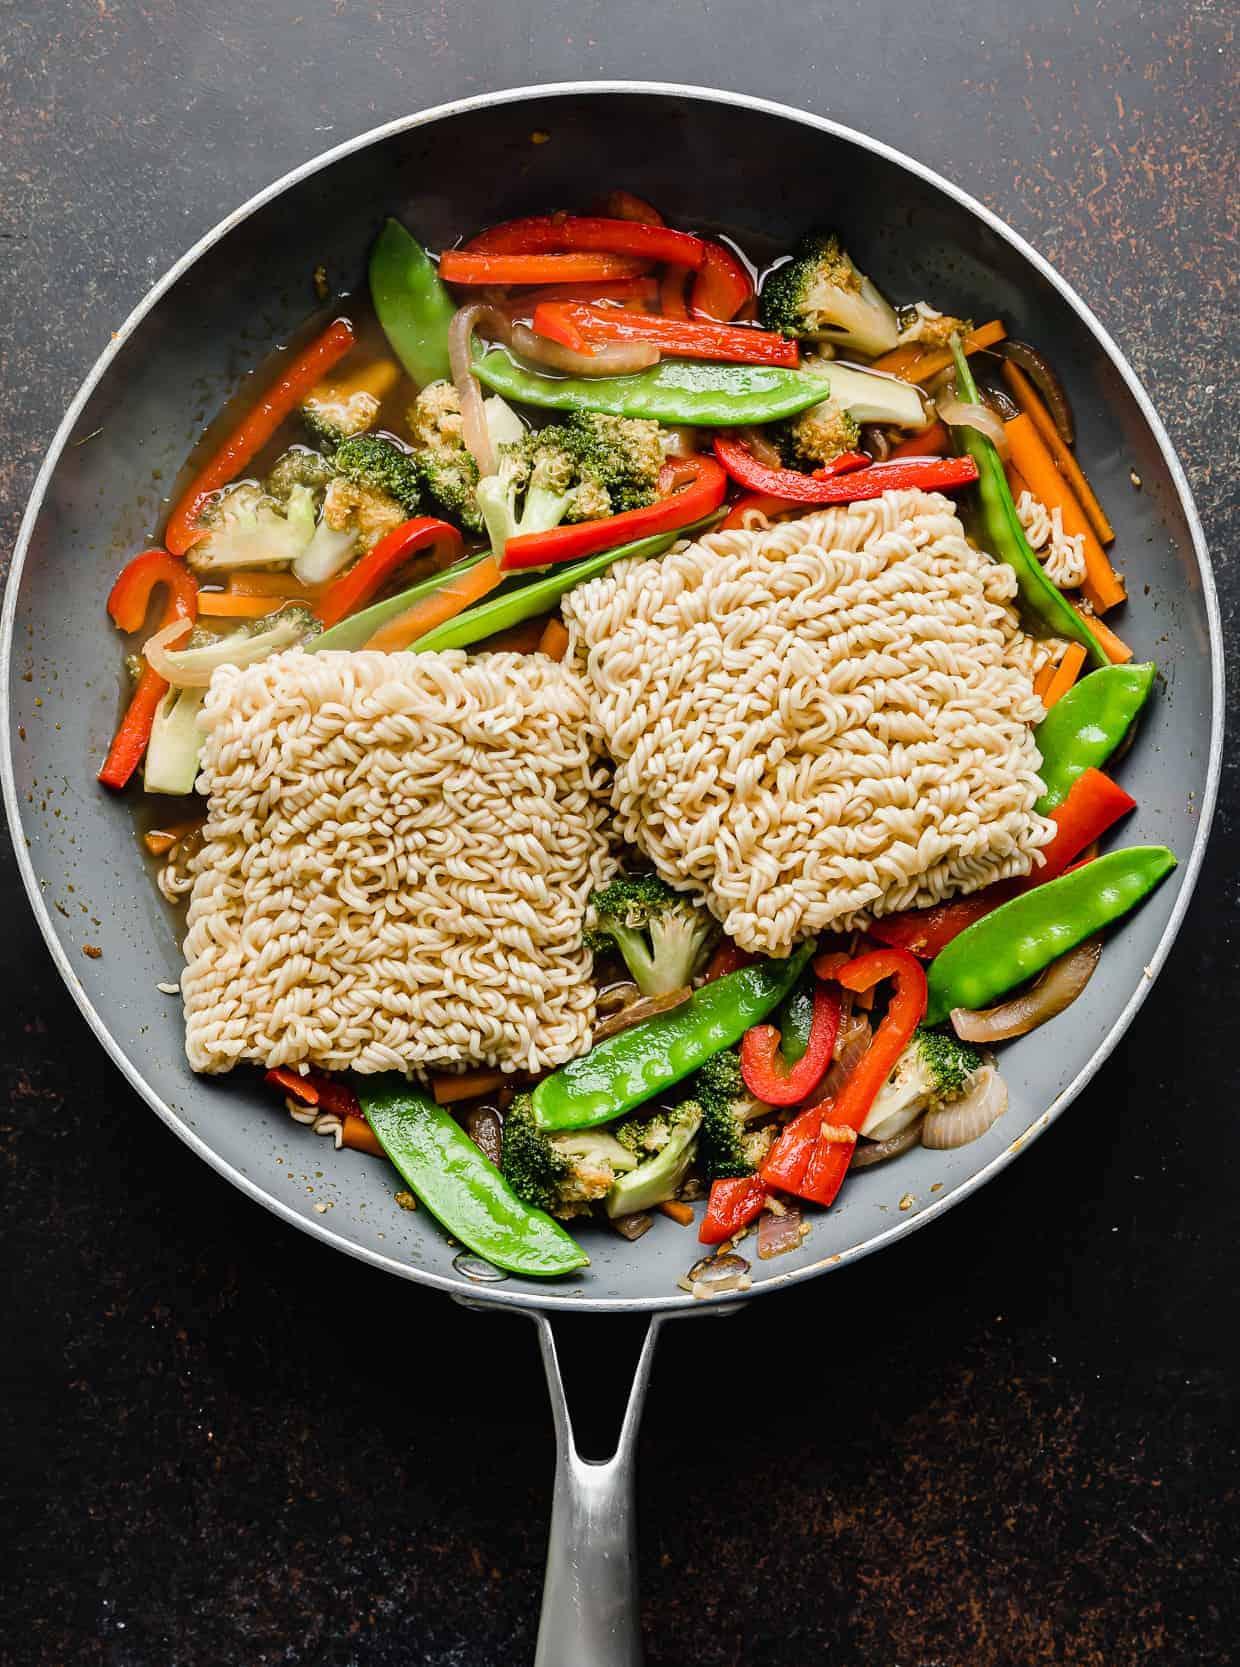 Two ramen noodles bundles in a skillet overtop sliced vegetables.